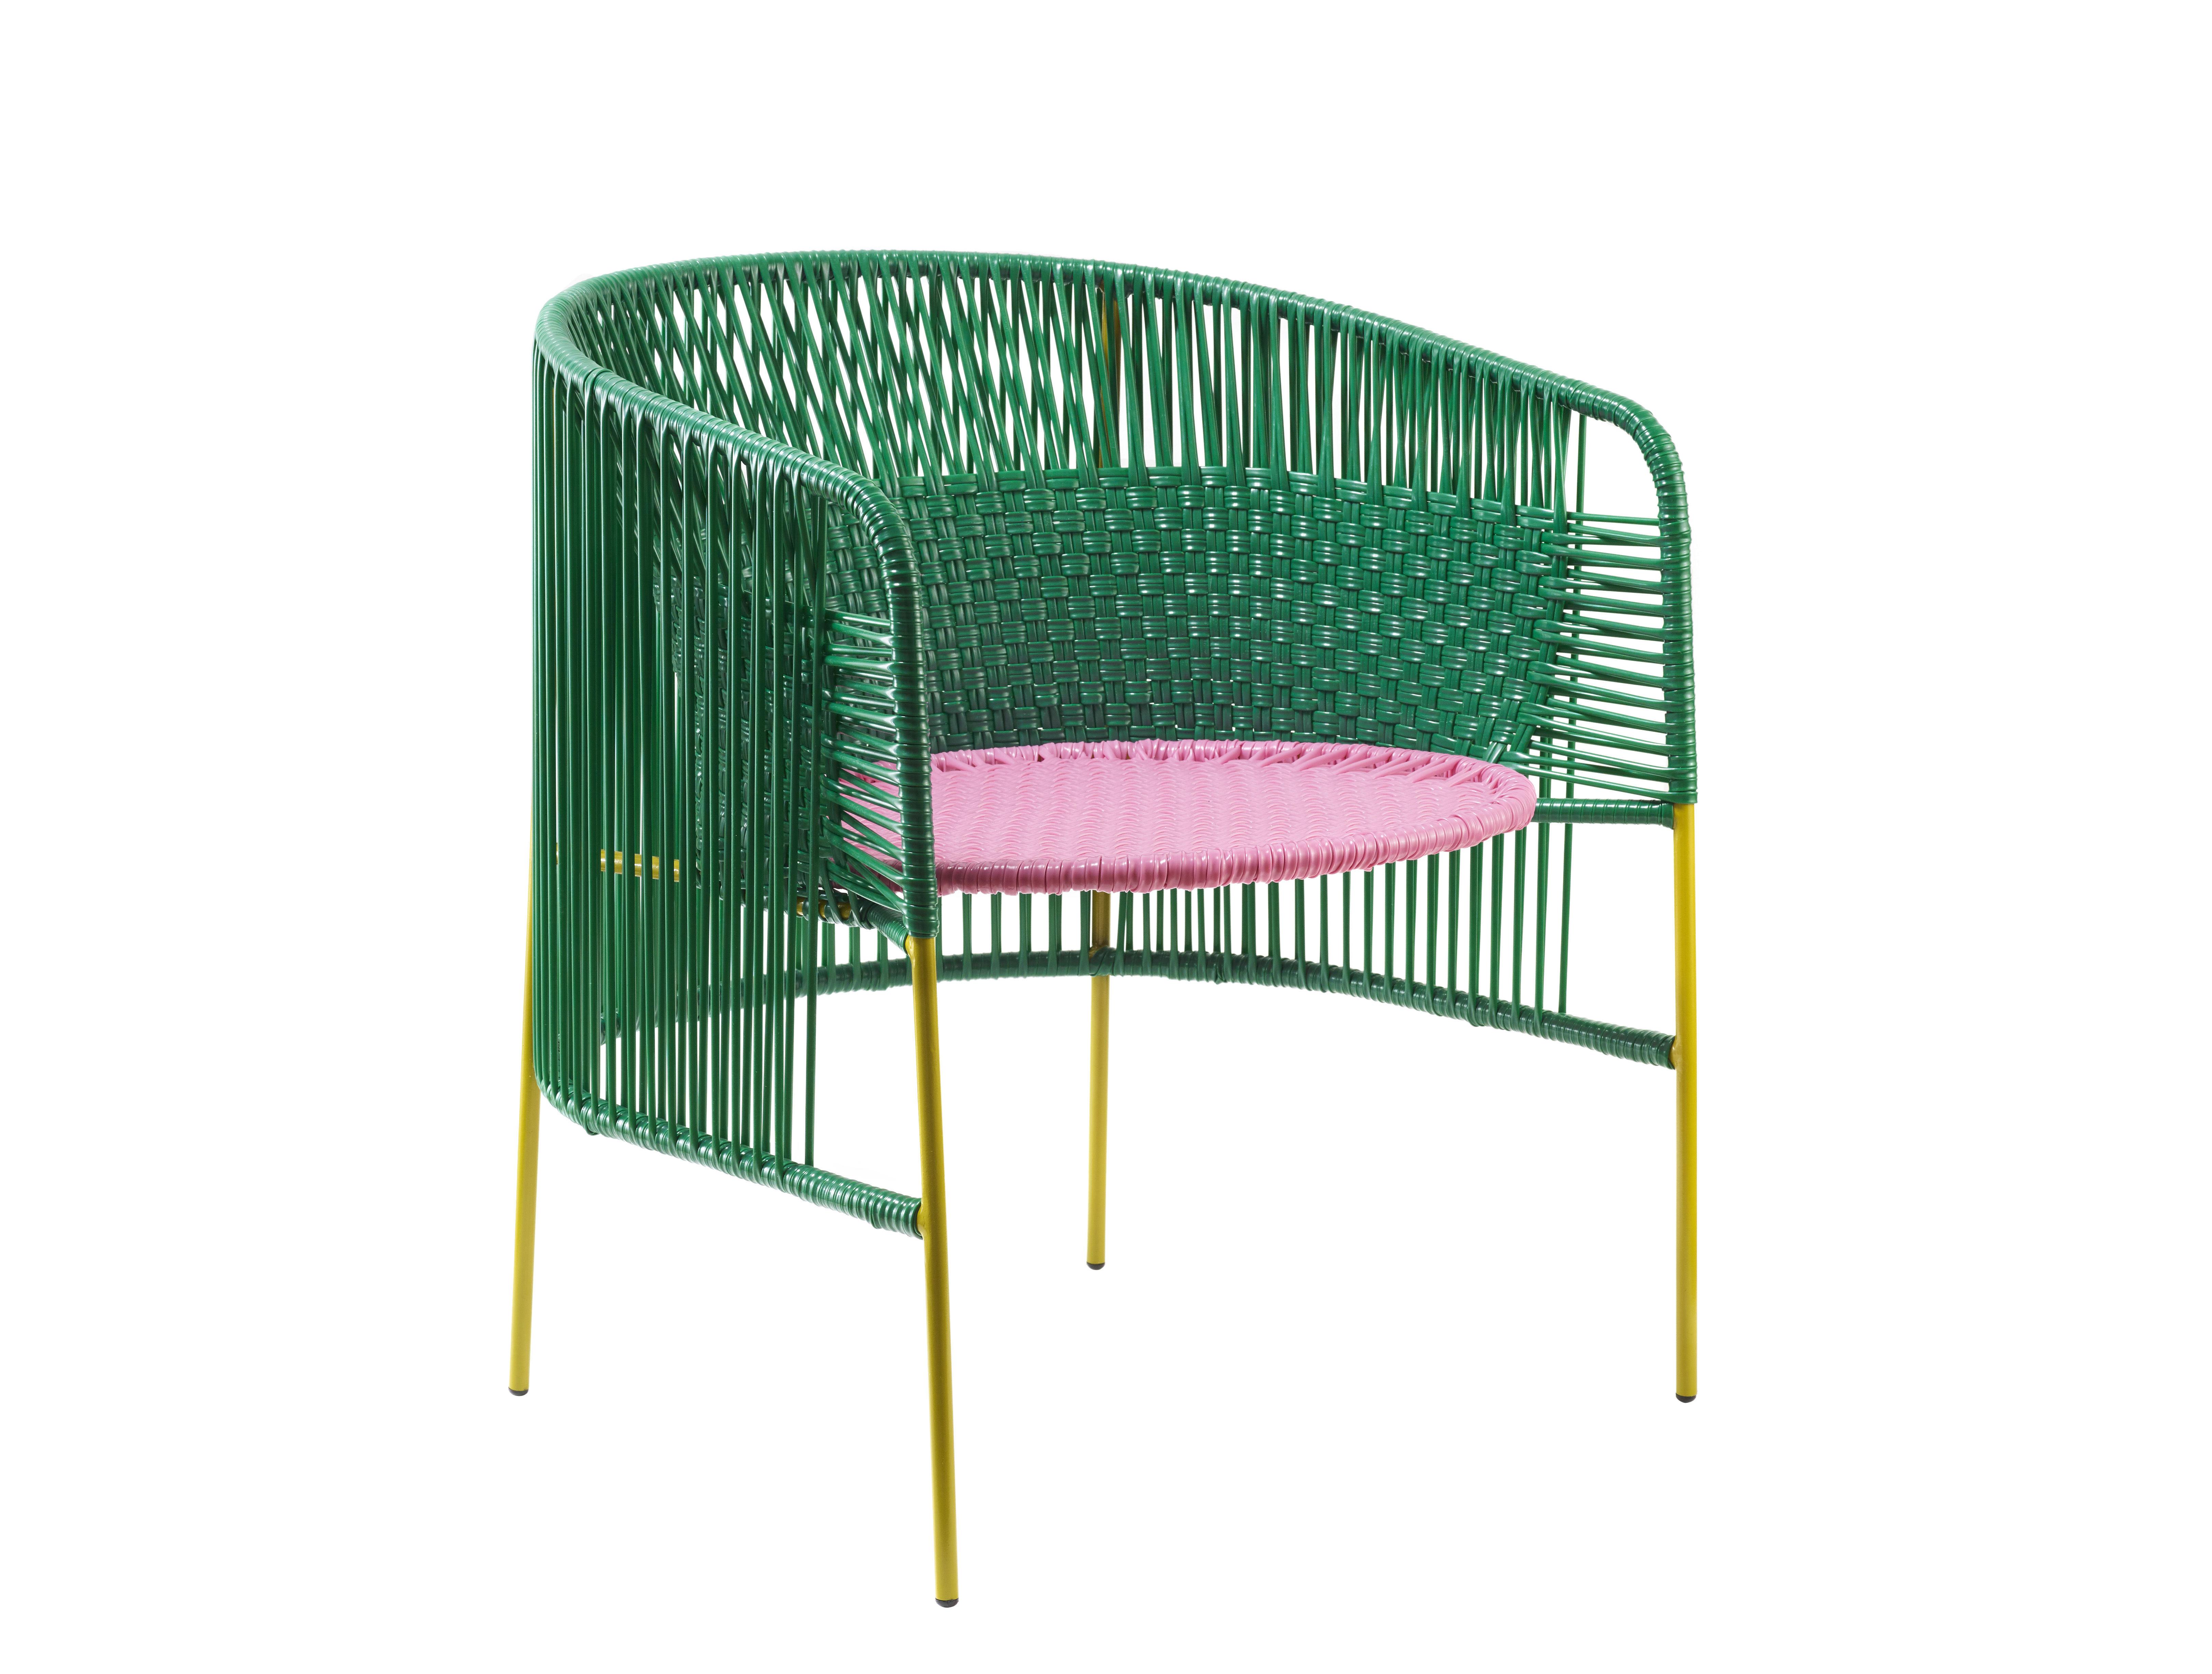 Mobilier - Chaises, fauteuils de salle à manger - Fauteuil Caribe Lounge - ames - Vert & rose / Pieds curry - Acier galvanisé thermo-laqué, Fils de plastique recyclé